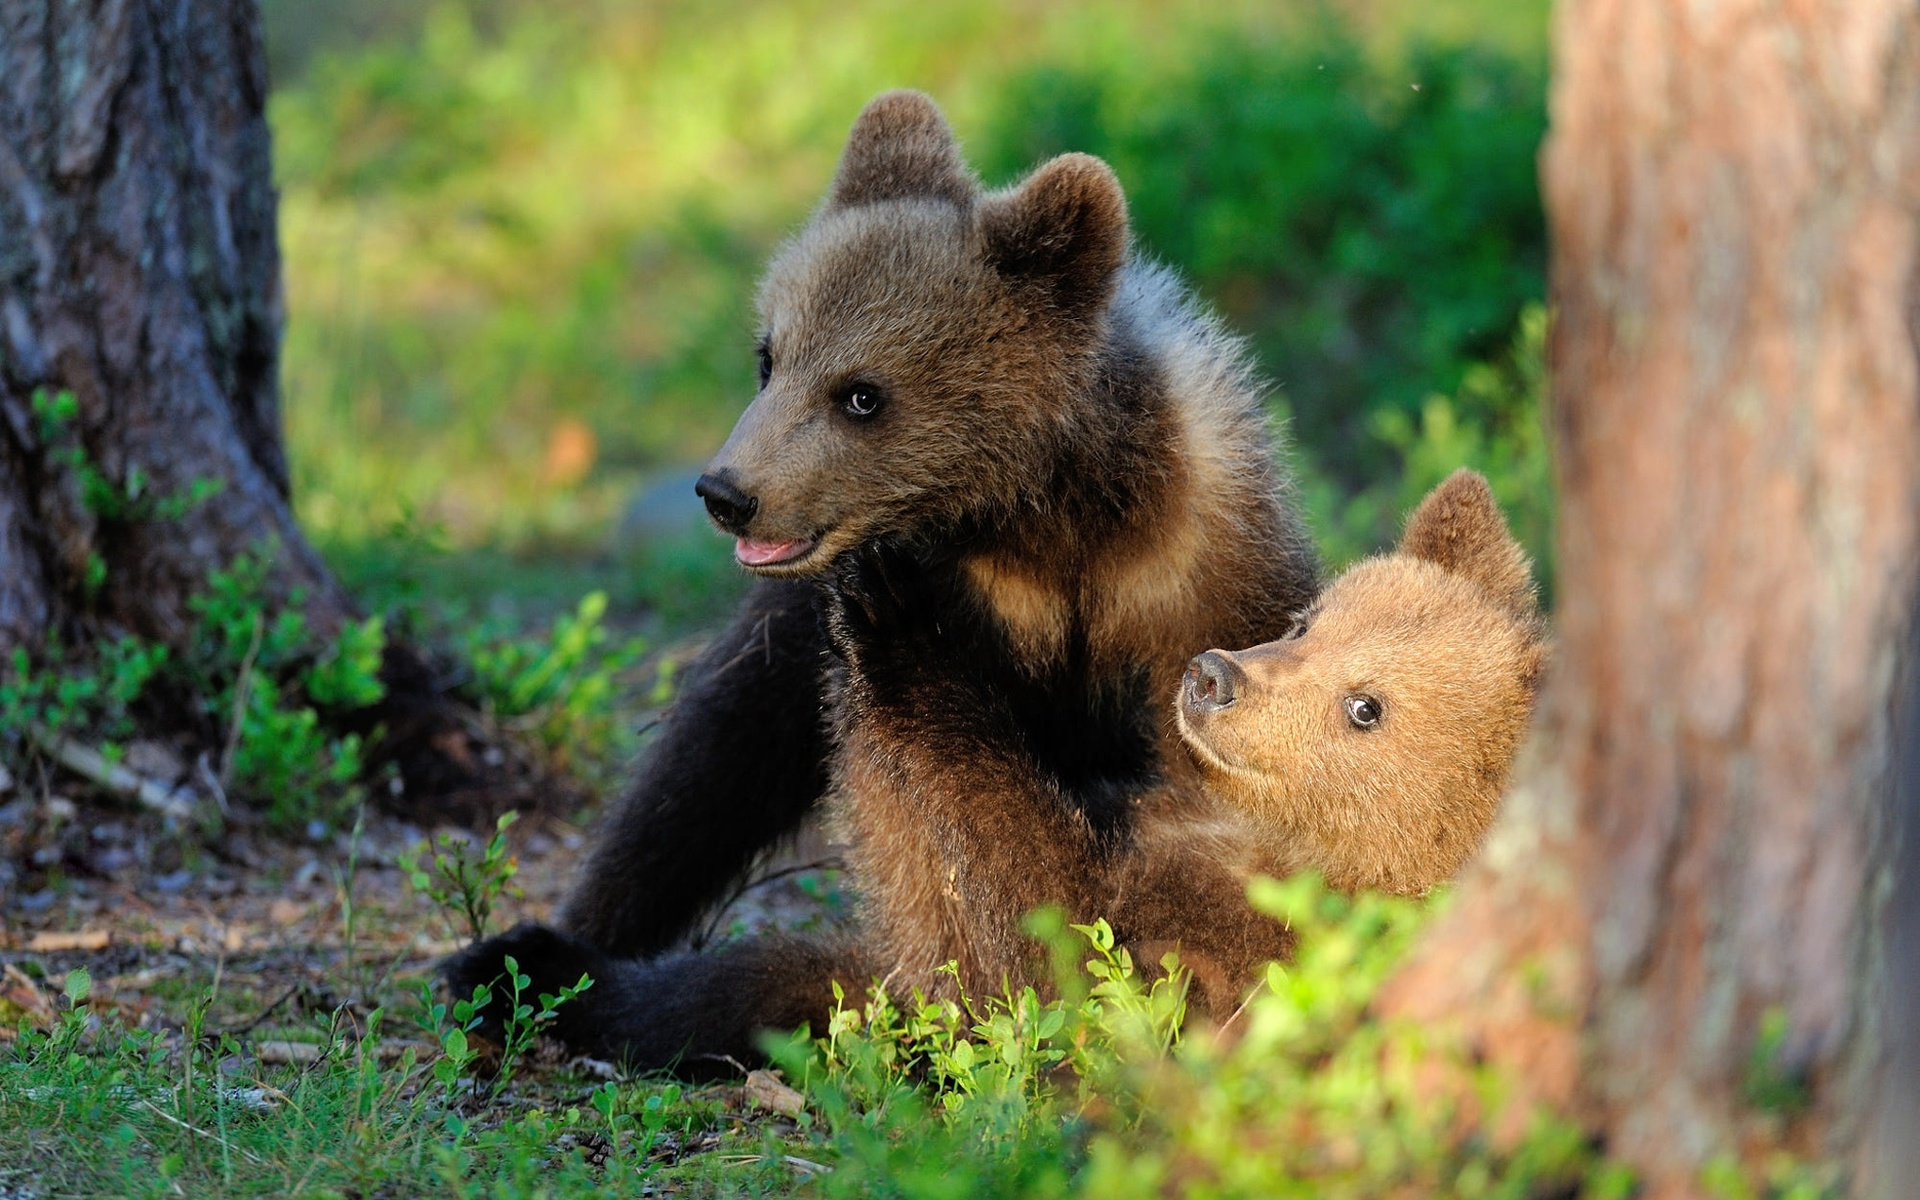 животные, хищники, медвежата, детёныши, пара, природа, трава, деревья, стволы